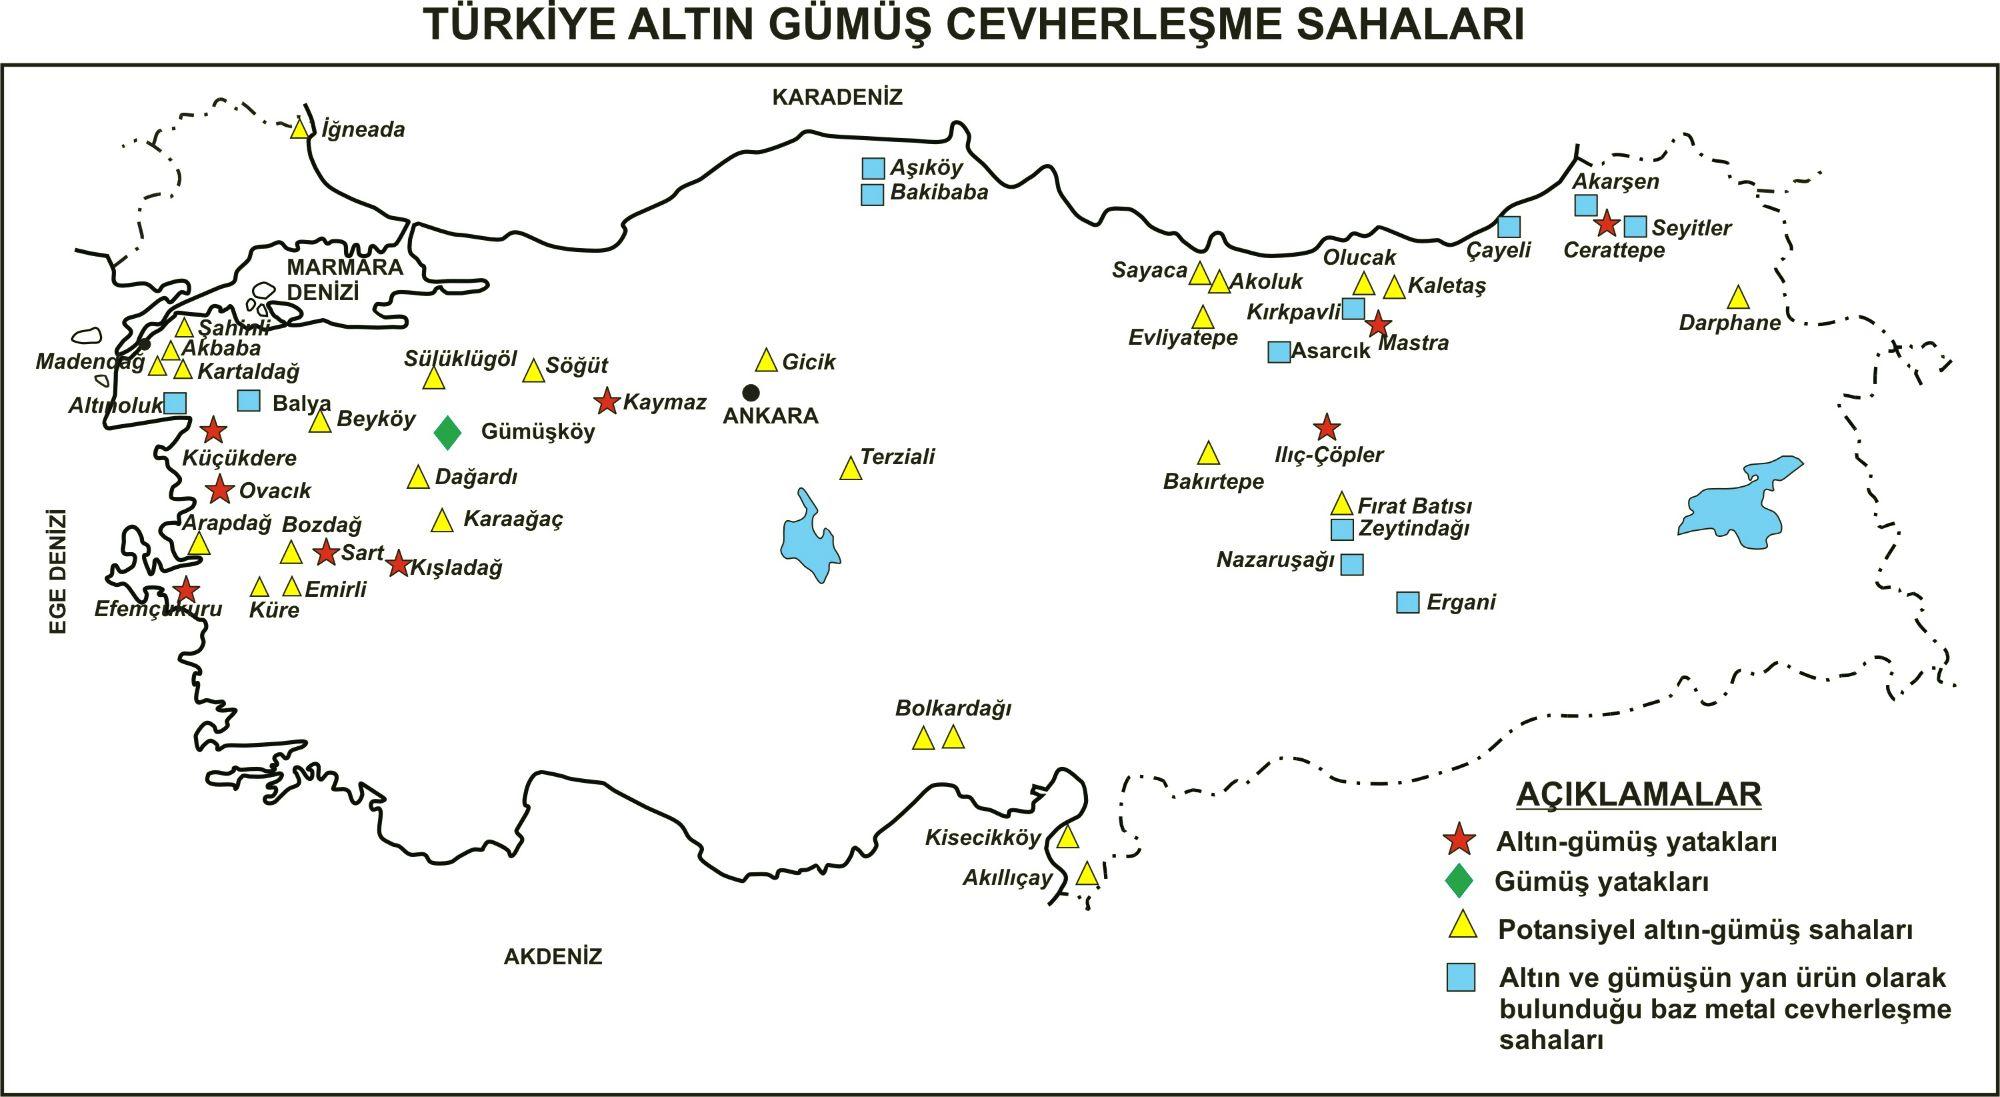 Türkiye Altın ve gümüş Yatakları